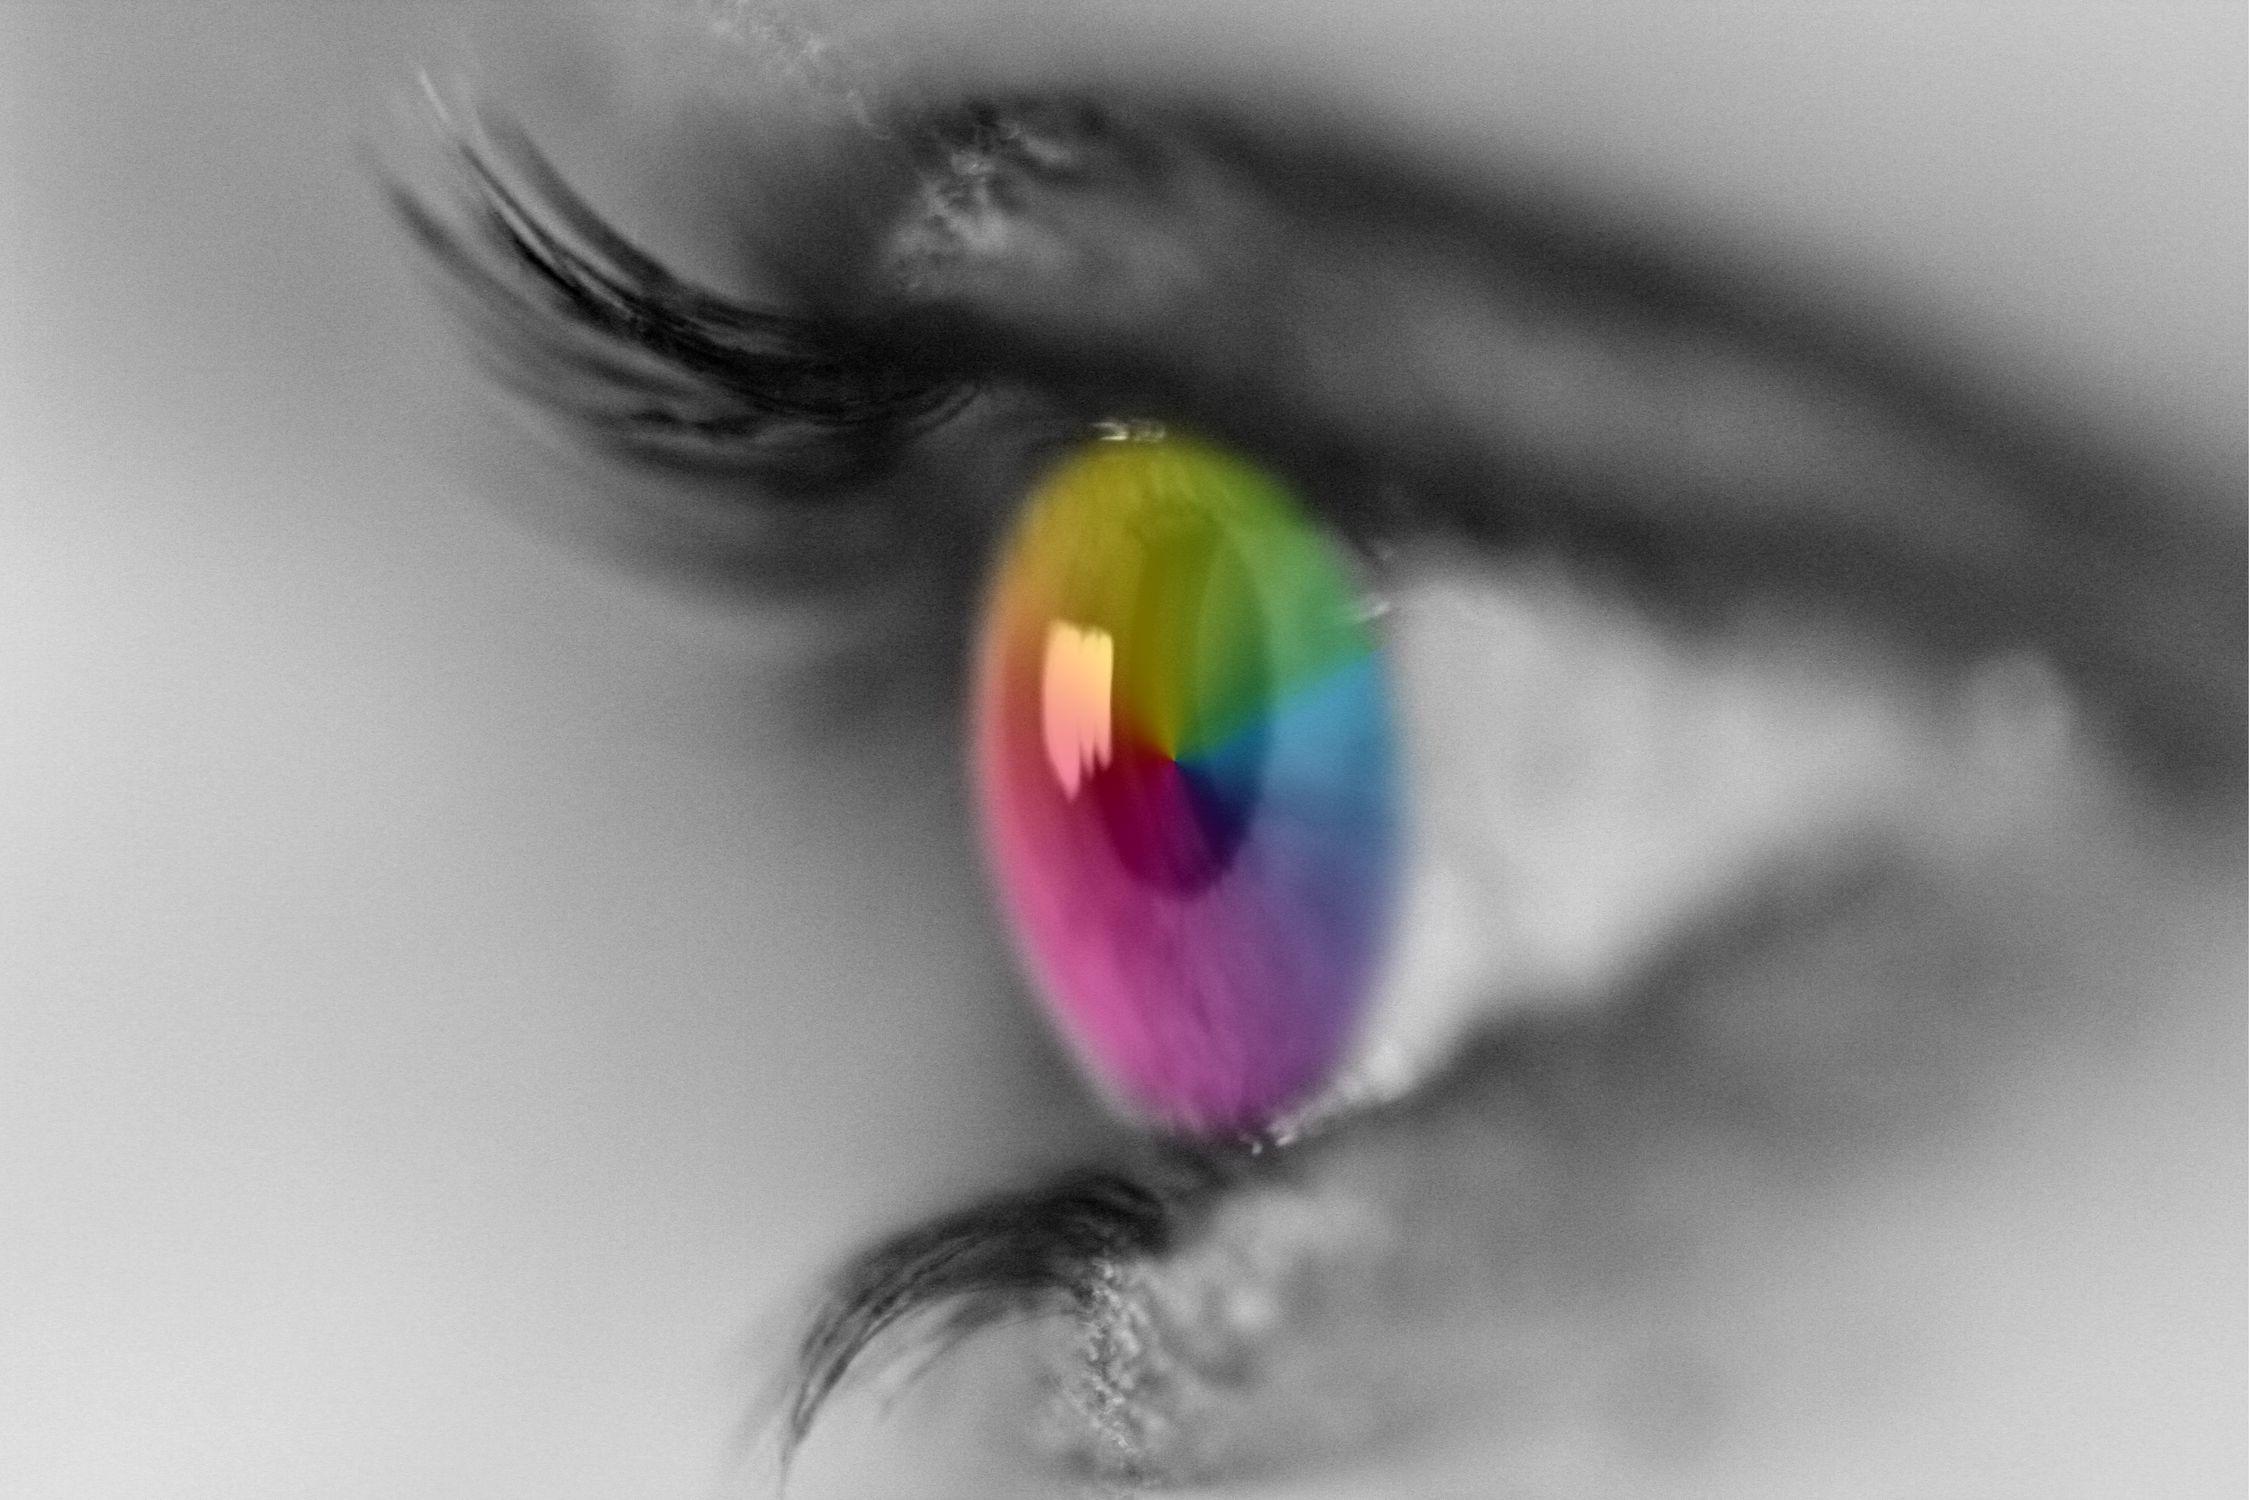 Bild mit Menschen, Körperteile, Köpfe, Augen, Augenbrauen, Wimpern, Regenbögen